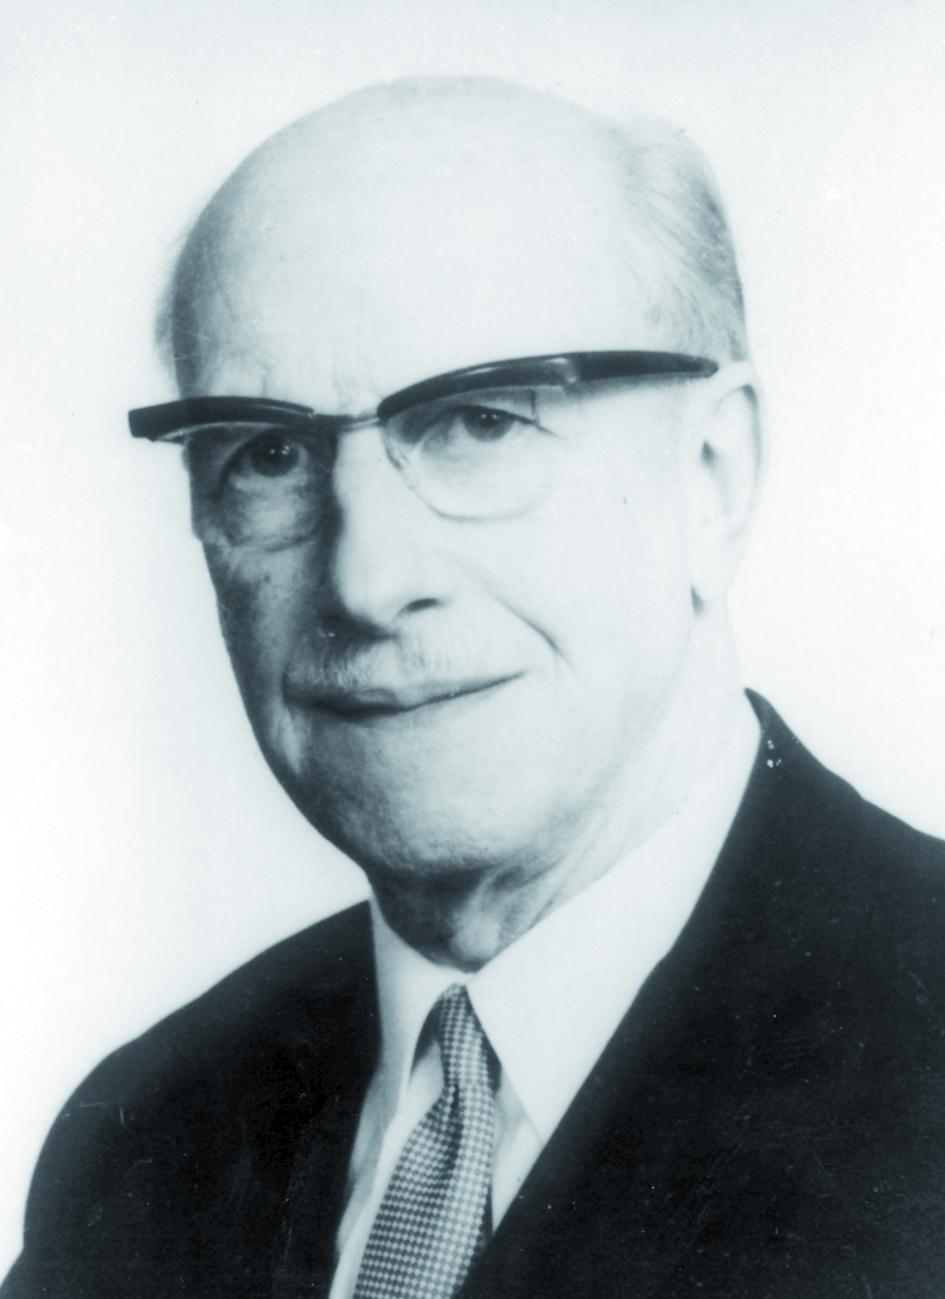 Portraitfoto von Herrn Bernard G. Ziedses des Plantes.